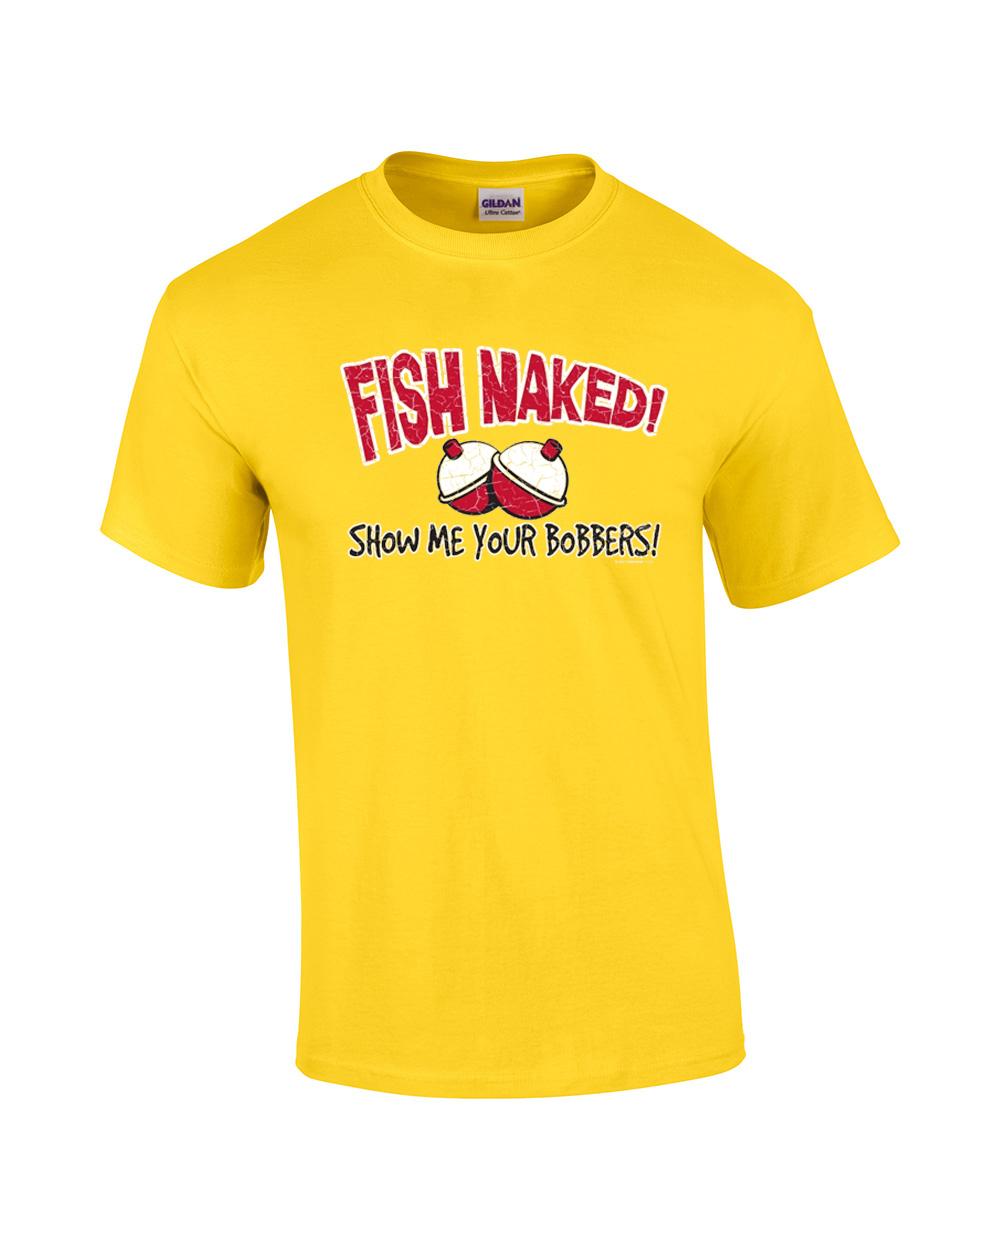 fish naked t shirts